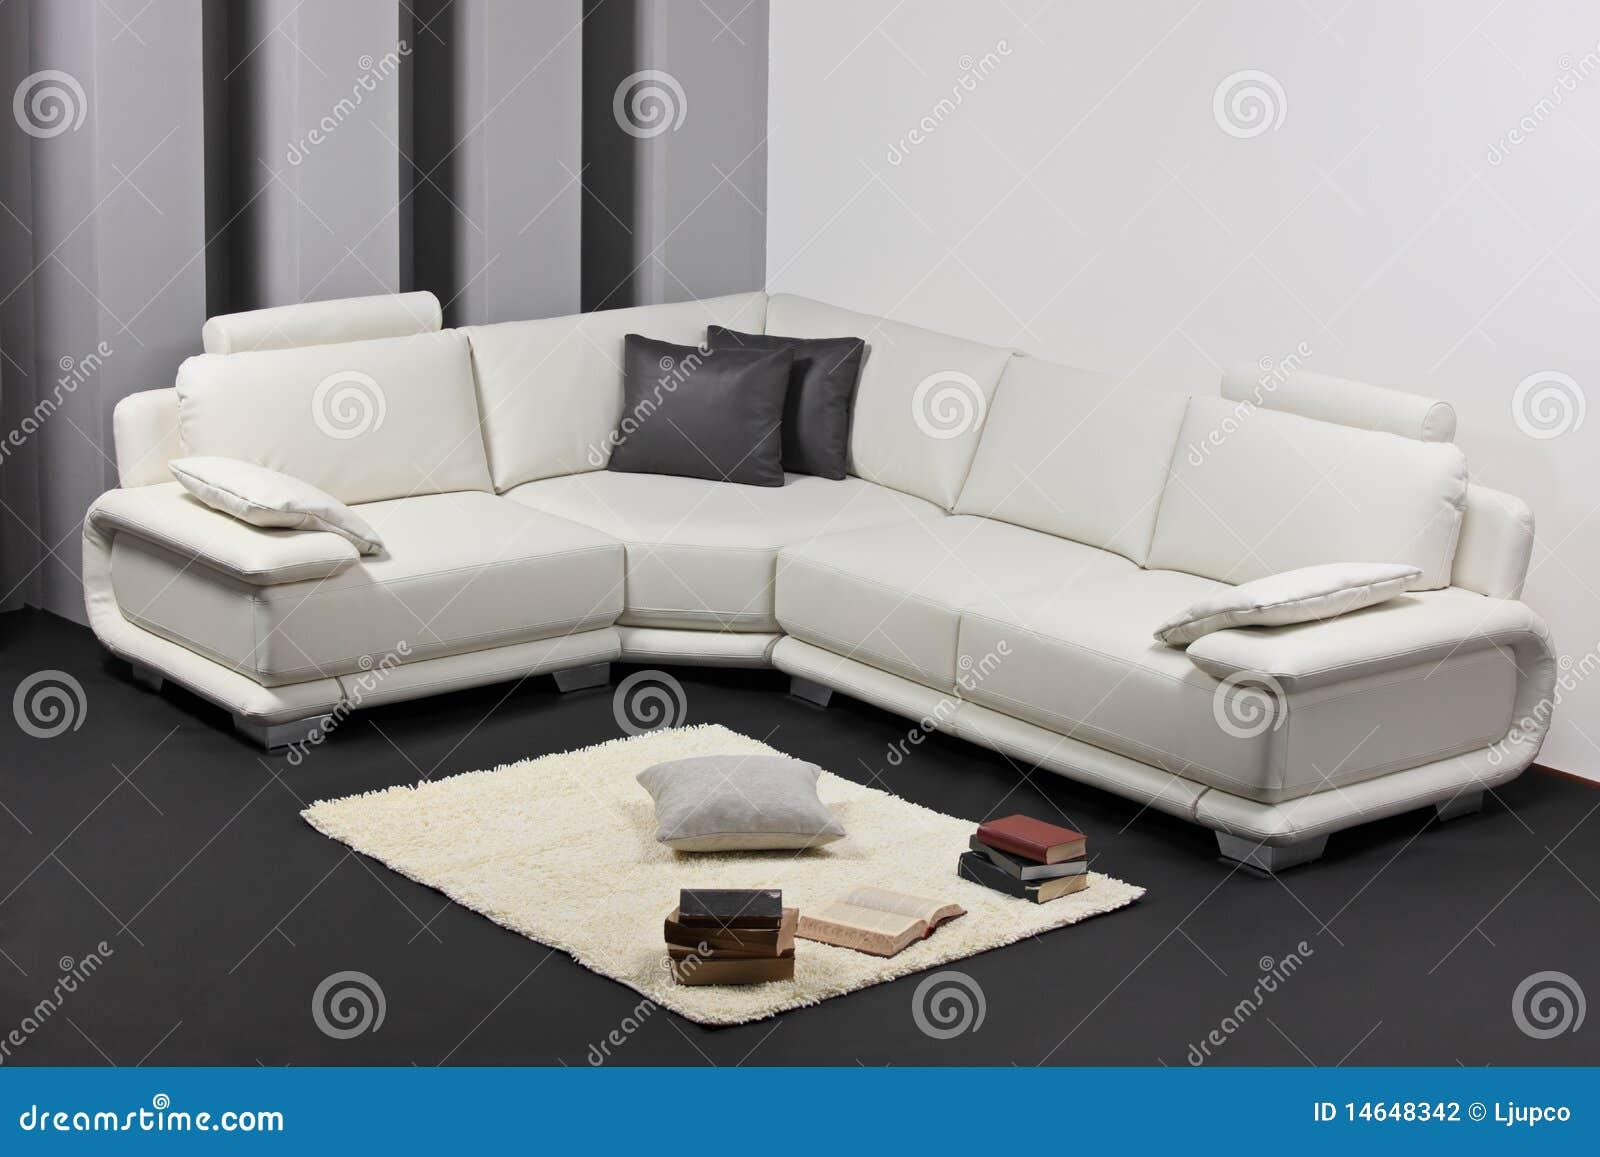 Una sala de estar minimalista moderna con muebles foto de archivo imagen 14648342 for Salas modernas precios